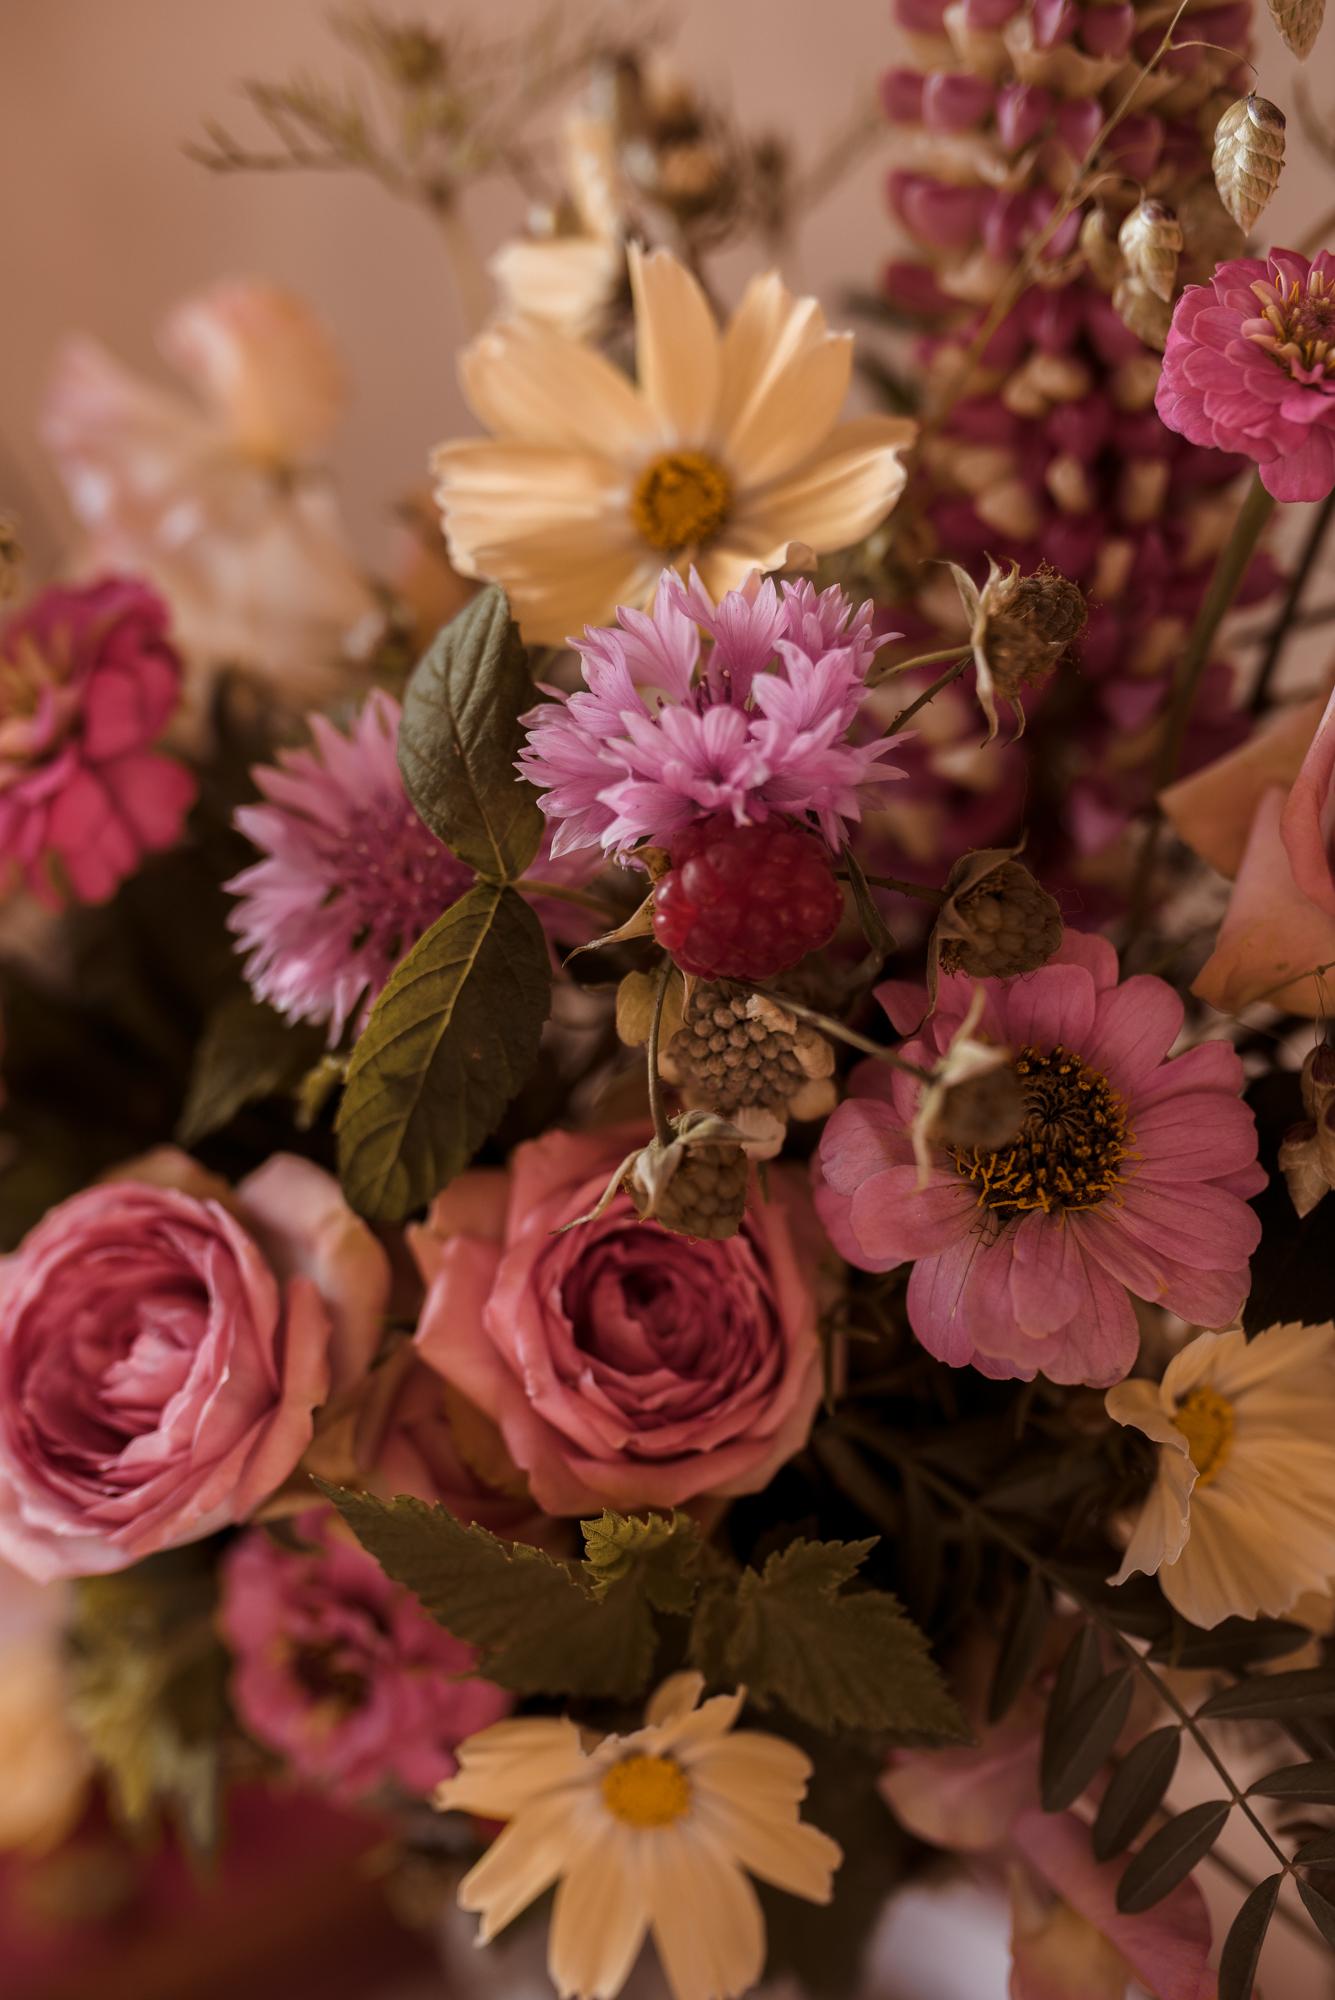 Fleurettes-15.jpg